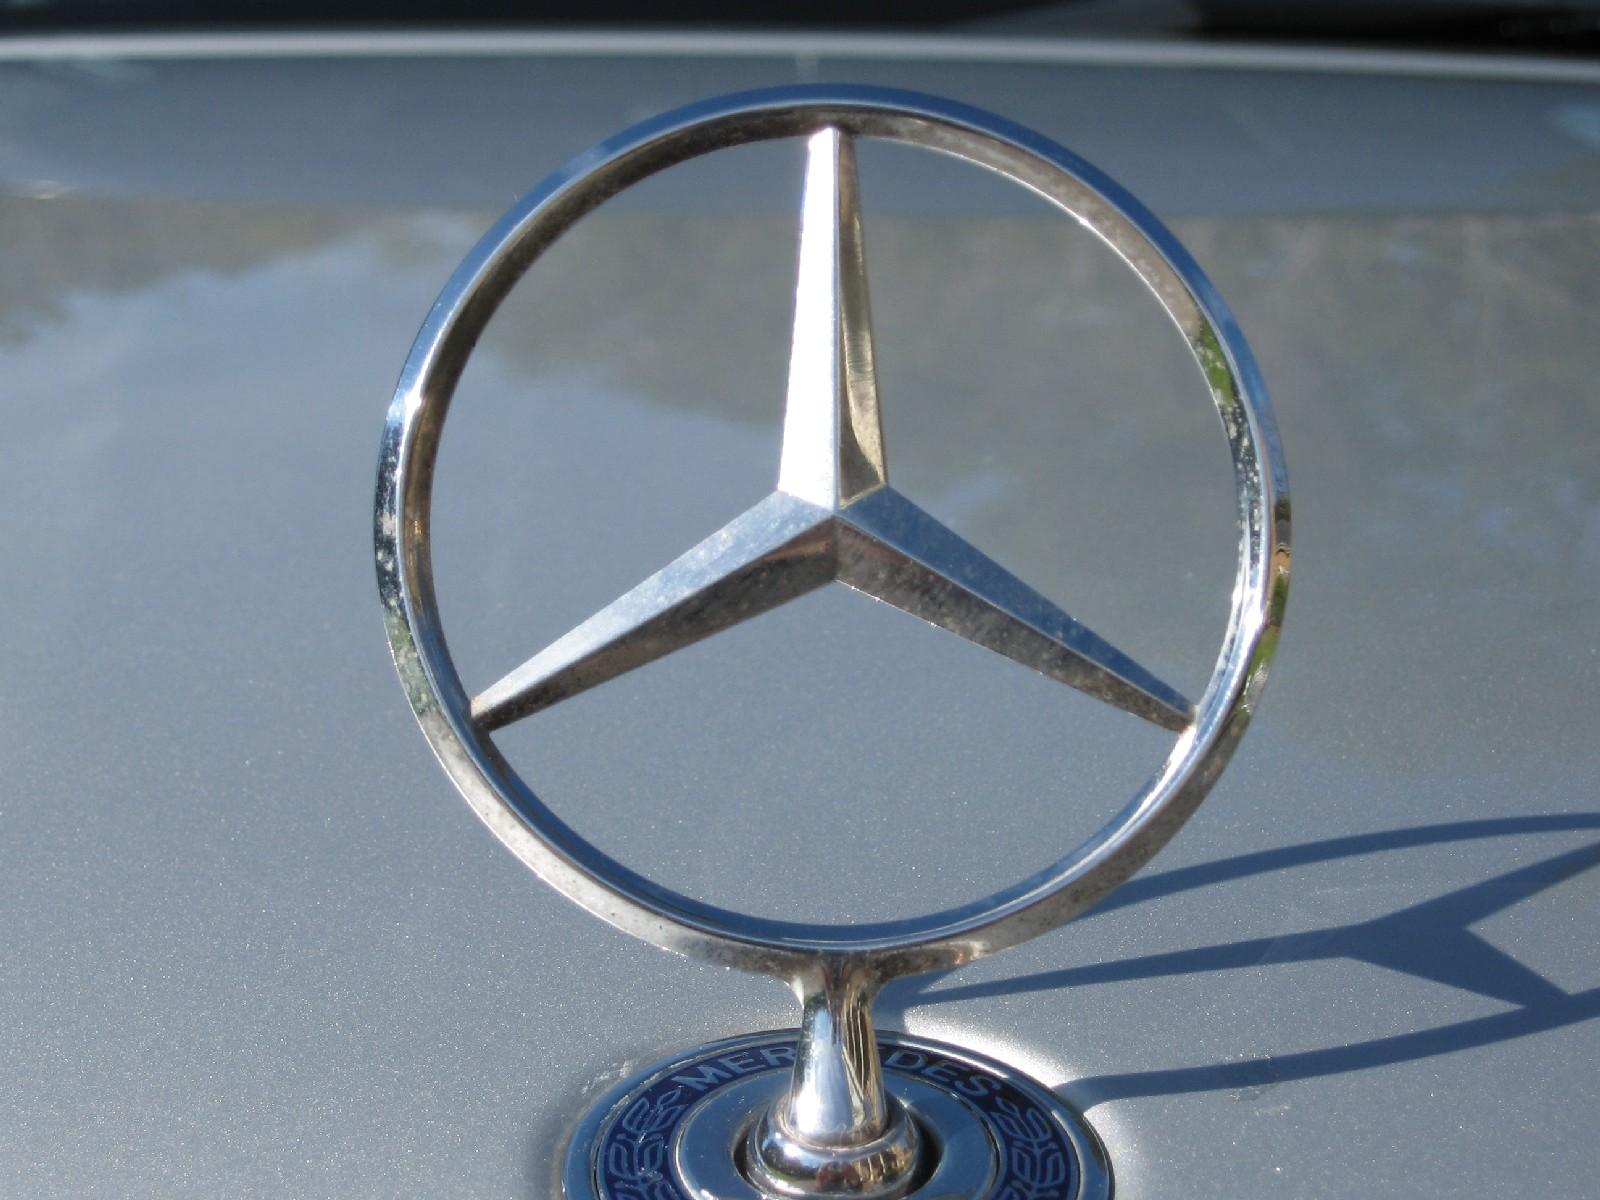 Mercedes hood ornament